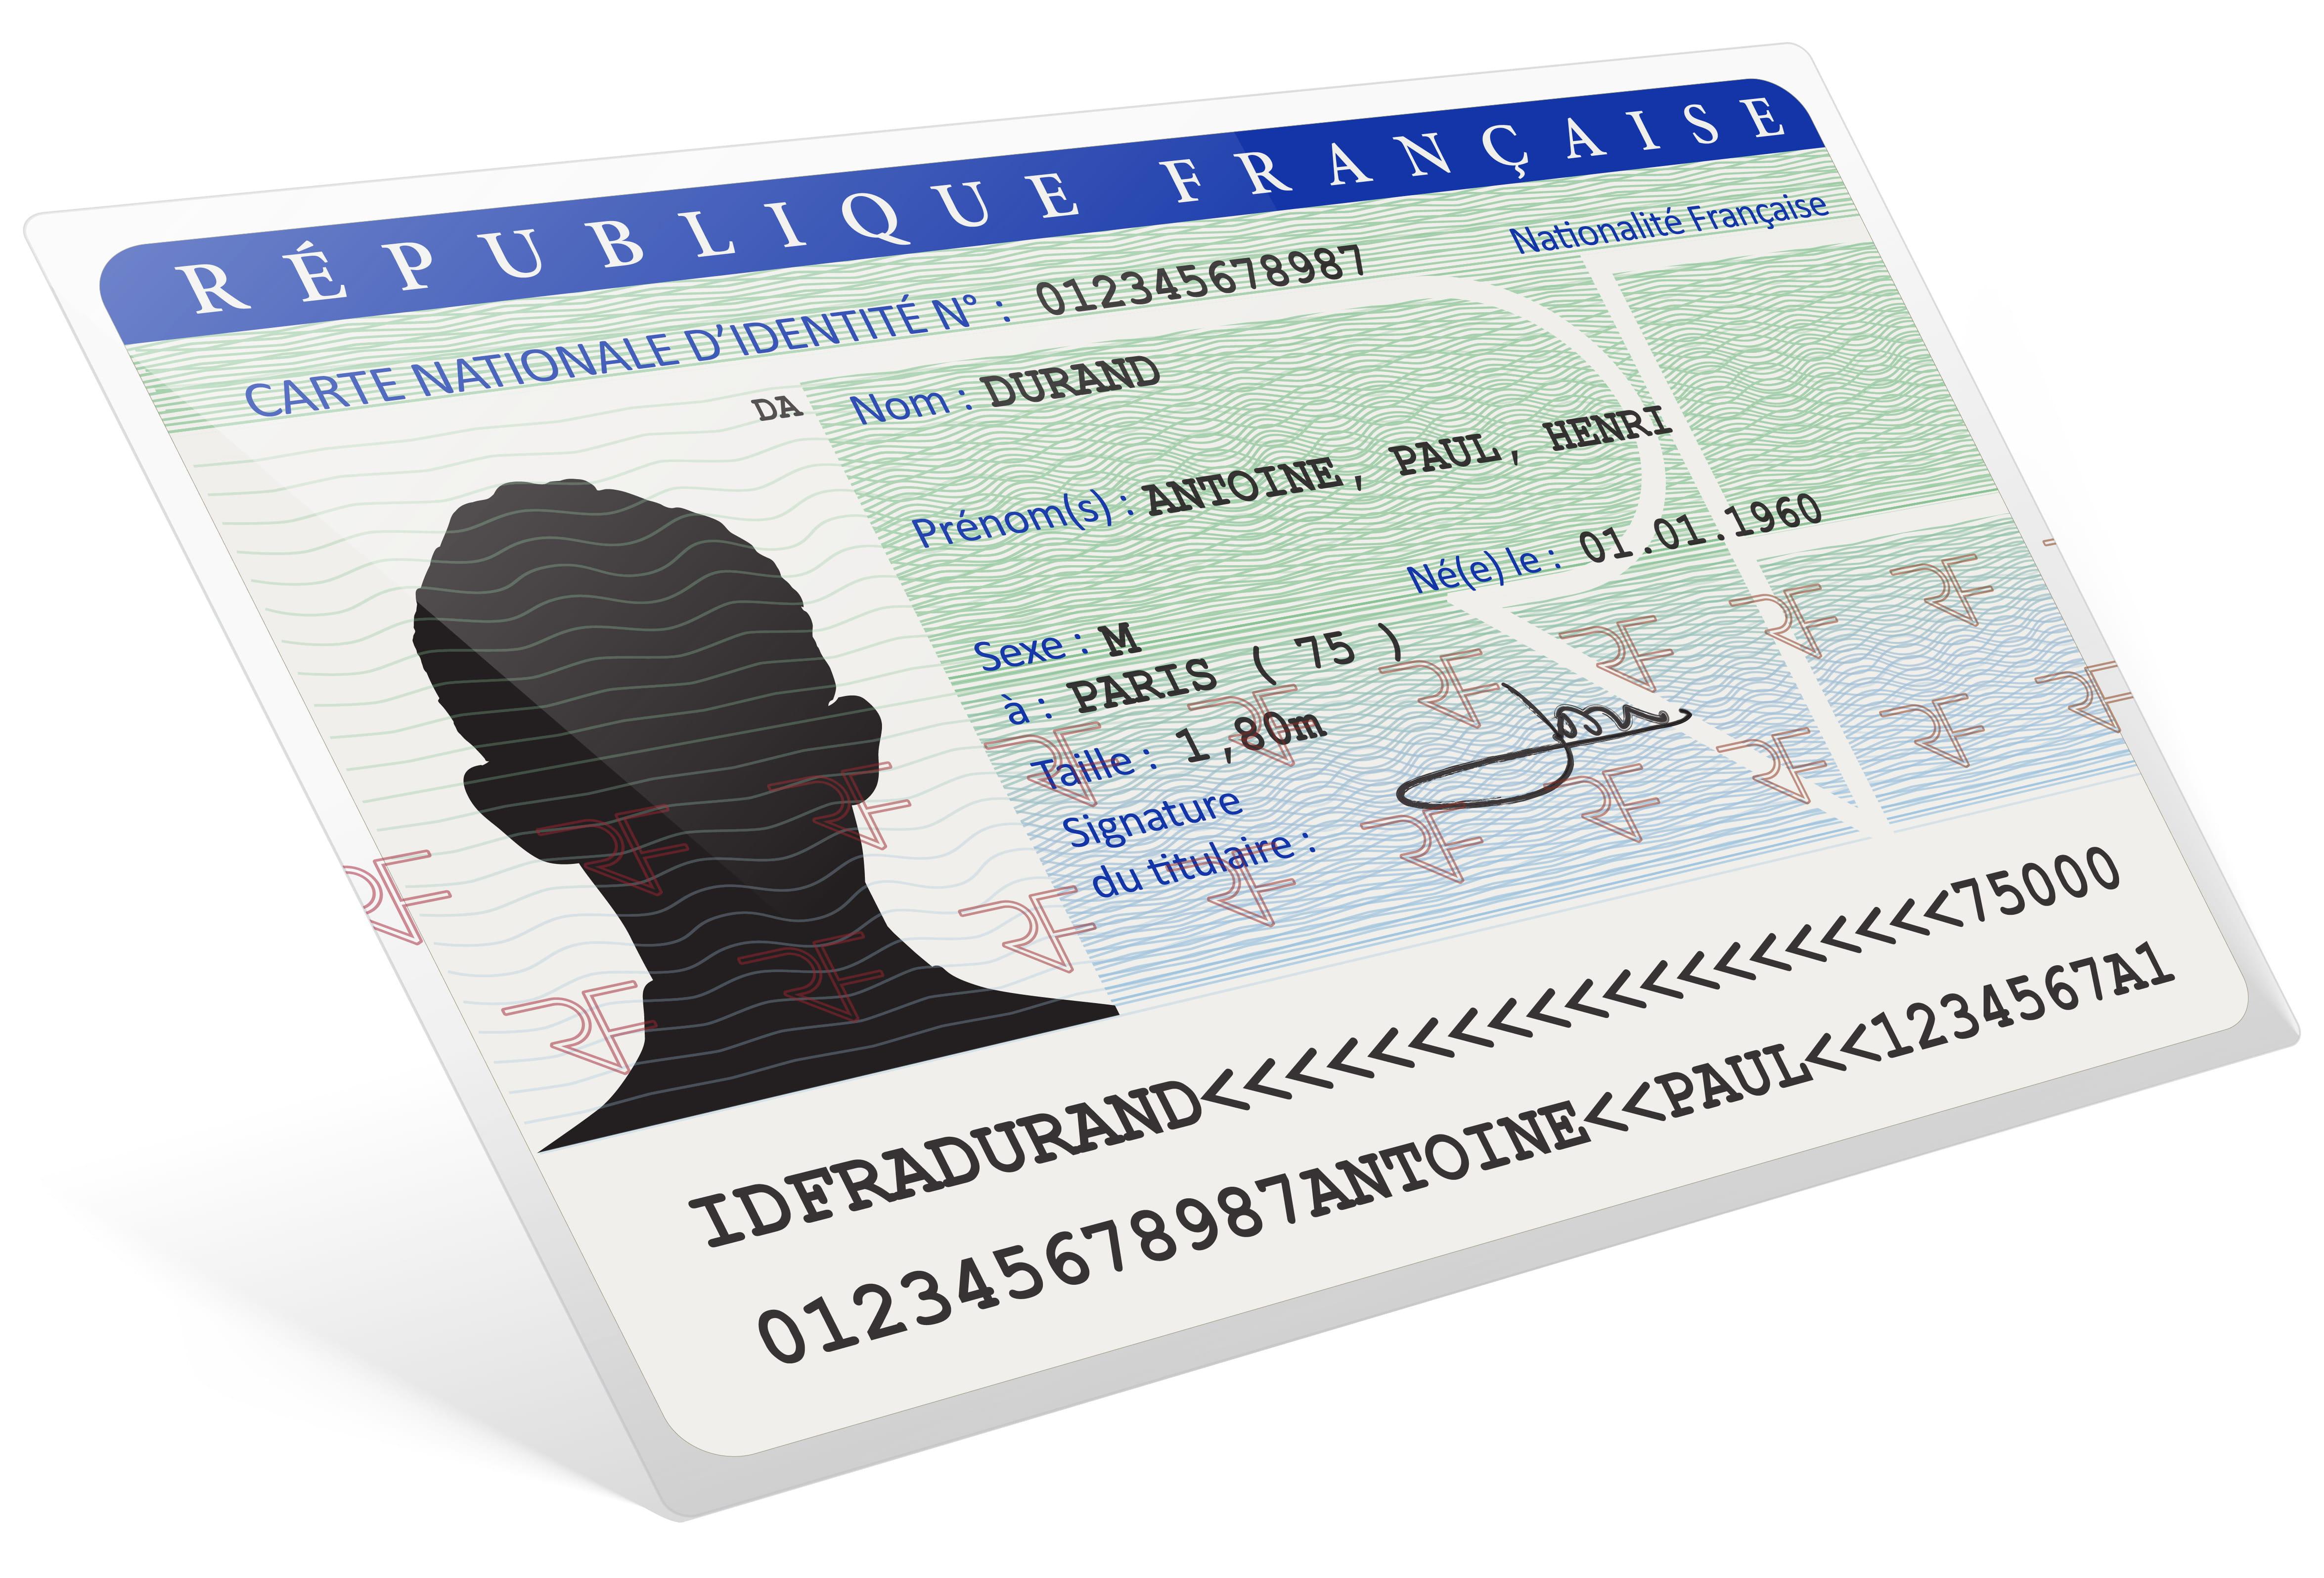 Perte Ou Vol De Carte D Identite Les Demarches A Accomplir